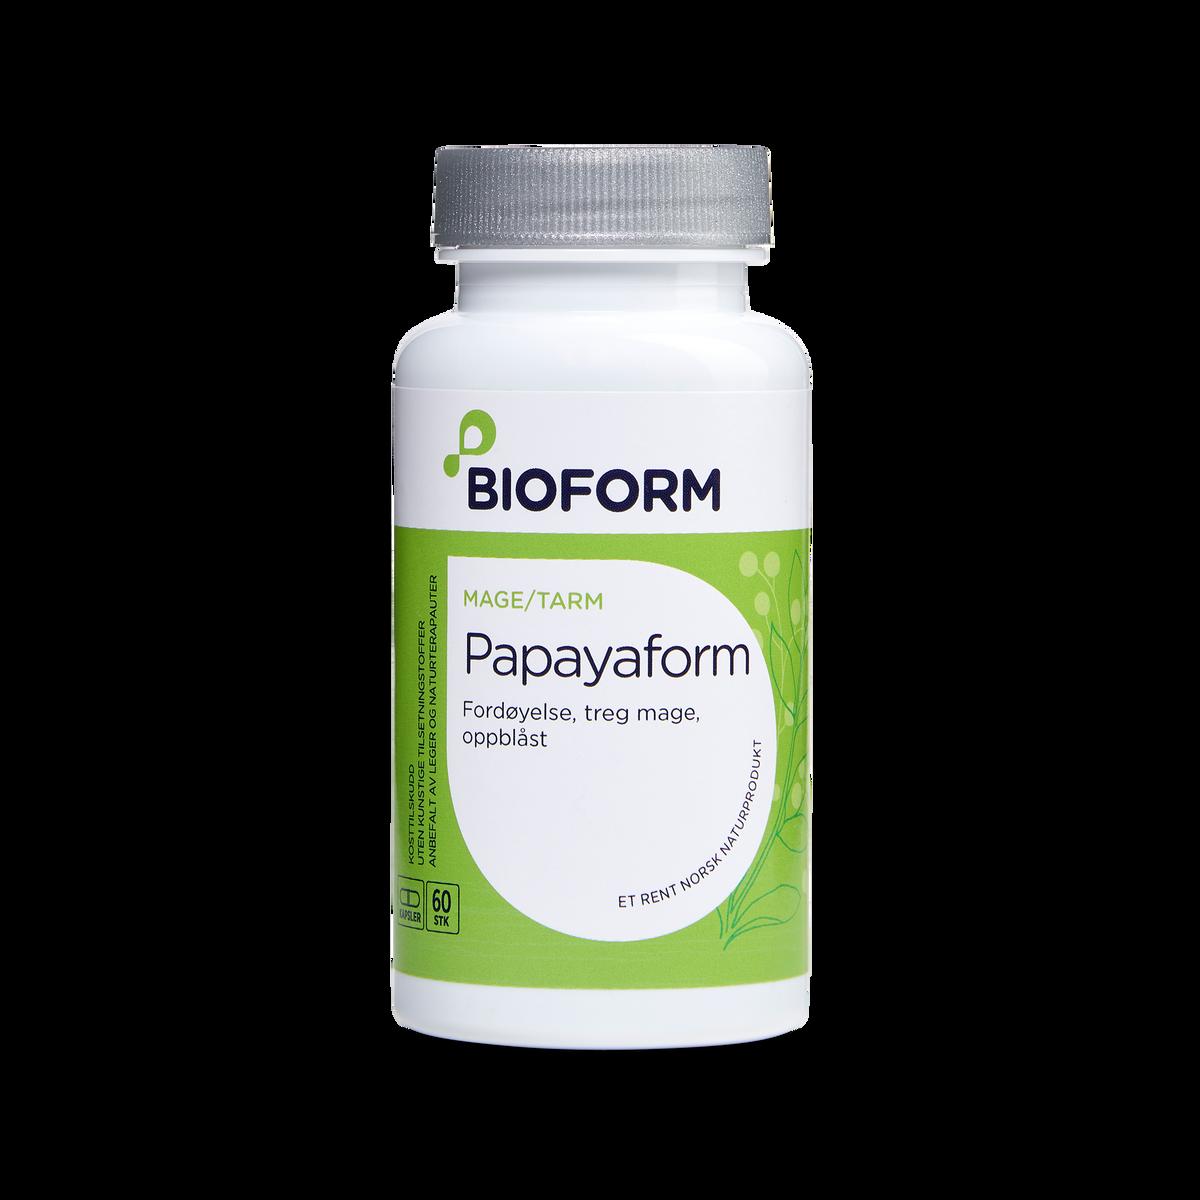 Papayaform